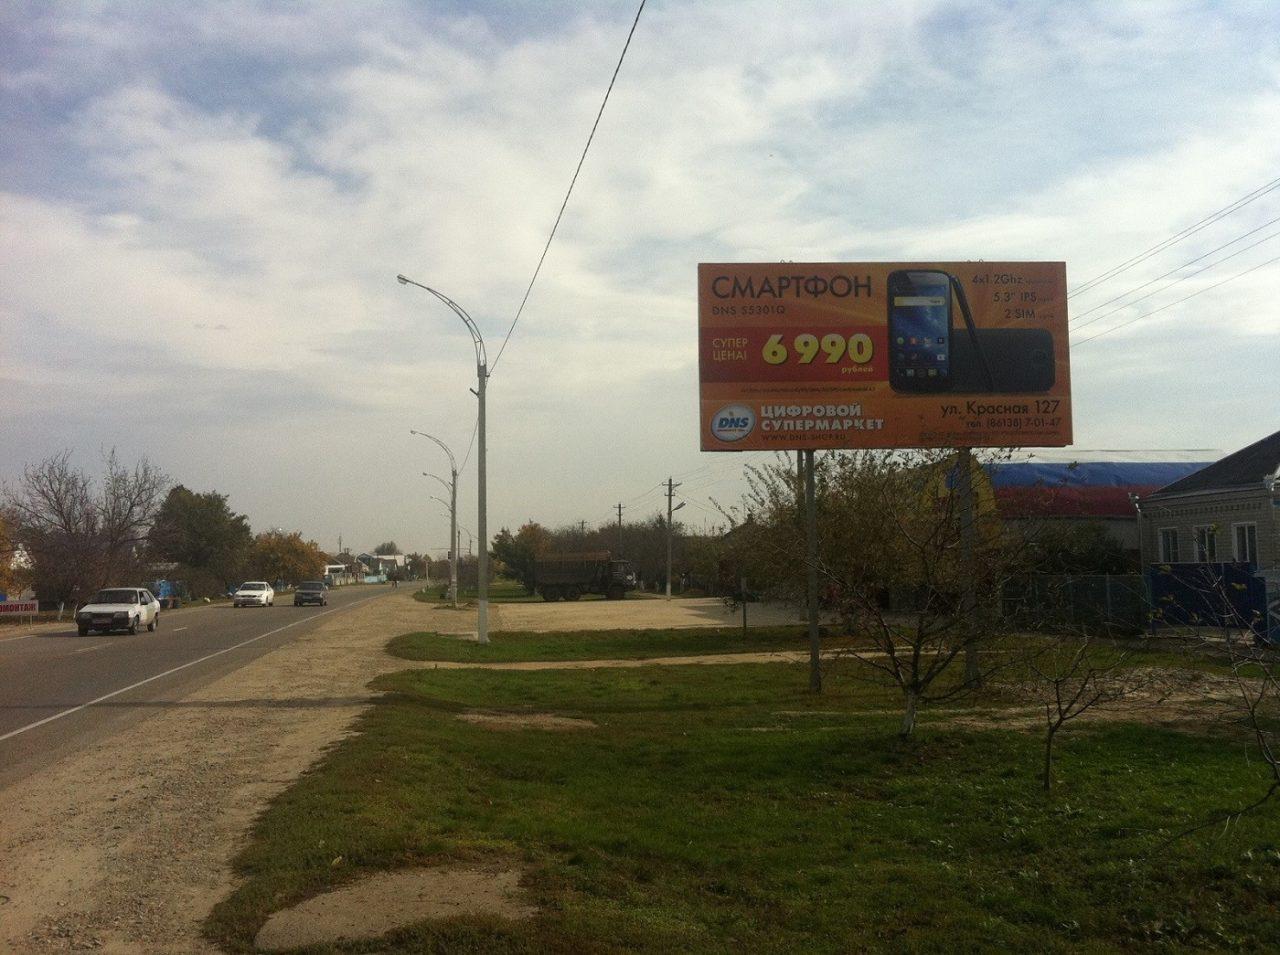 аренда рекламных щитов в ст. Тбилисская, ул. Красная, 162 стороан А